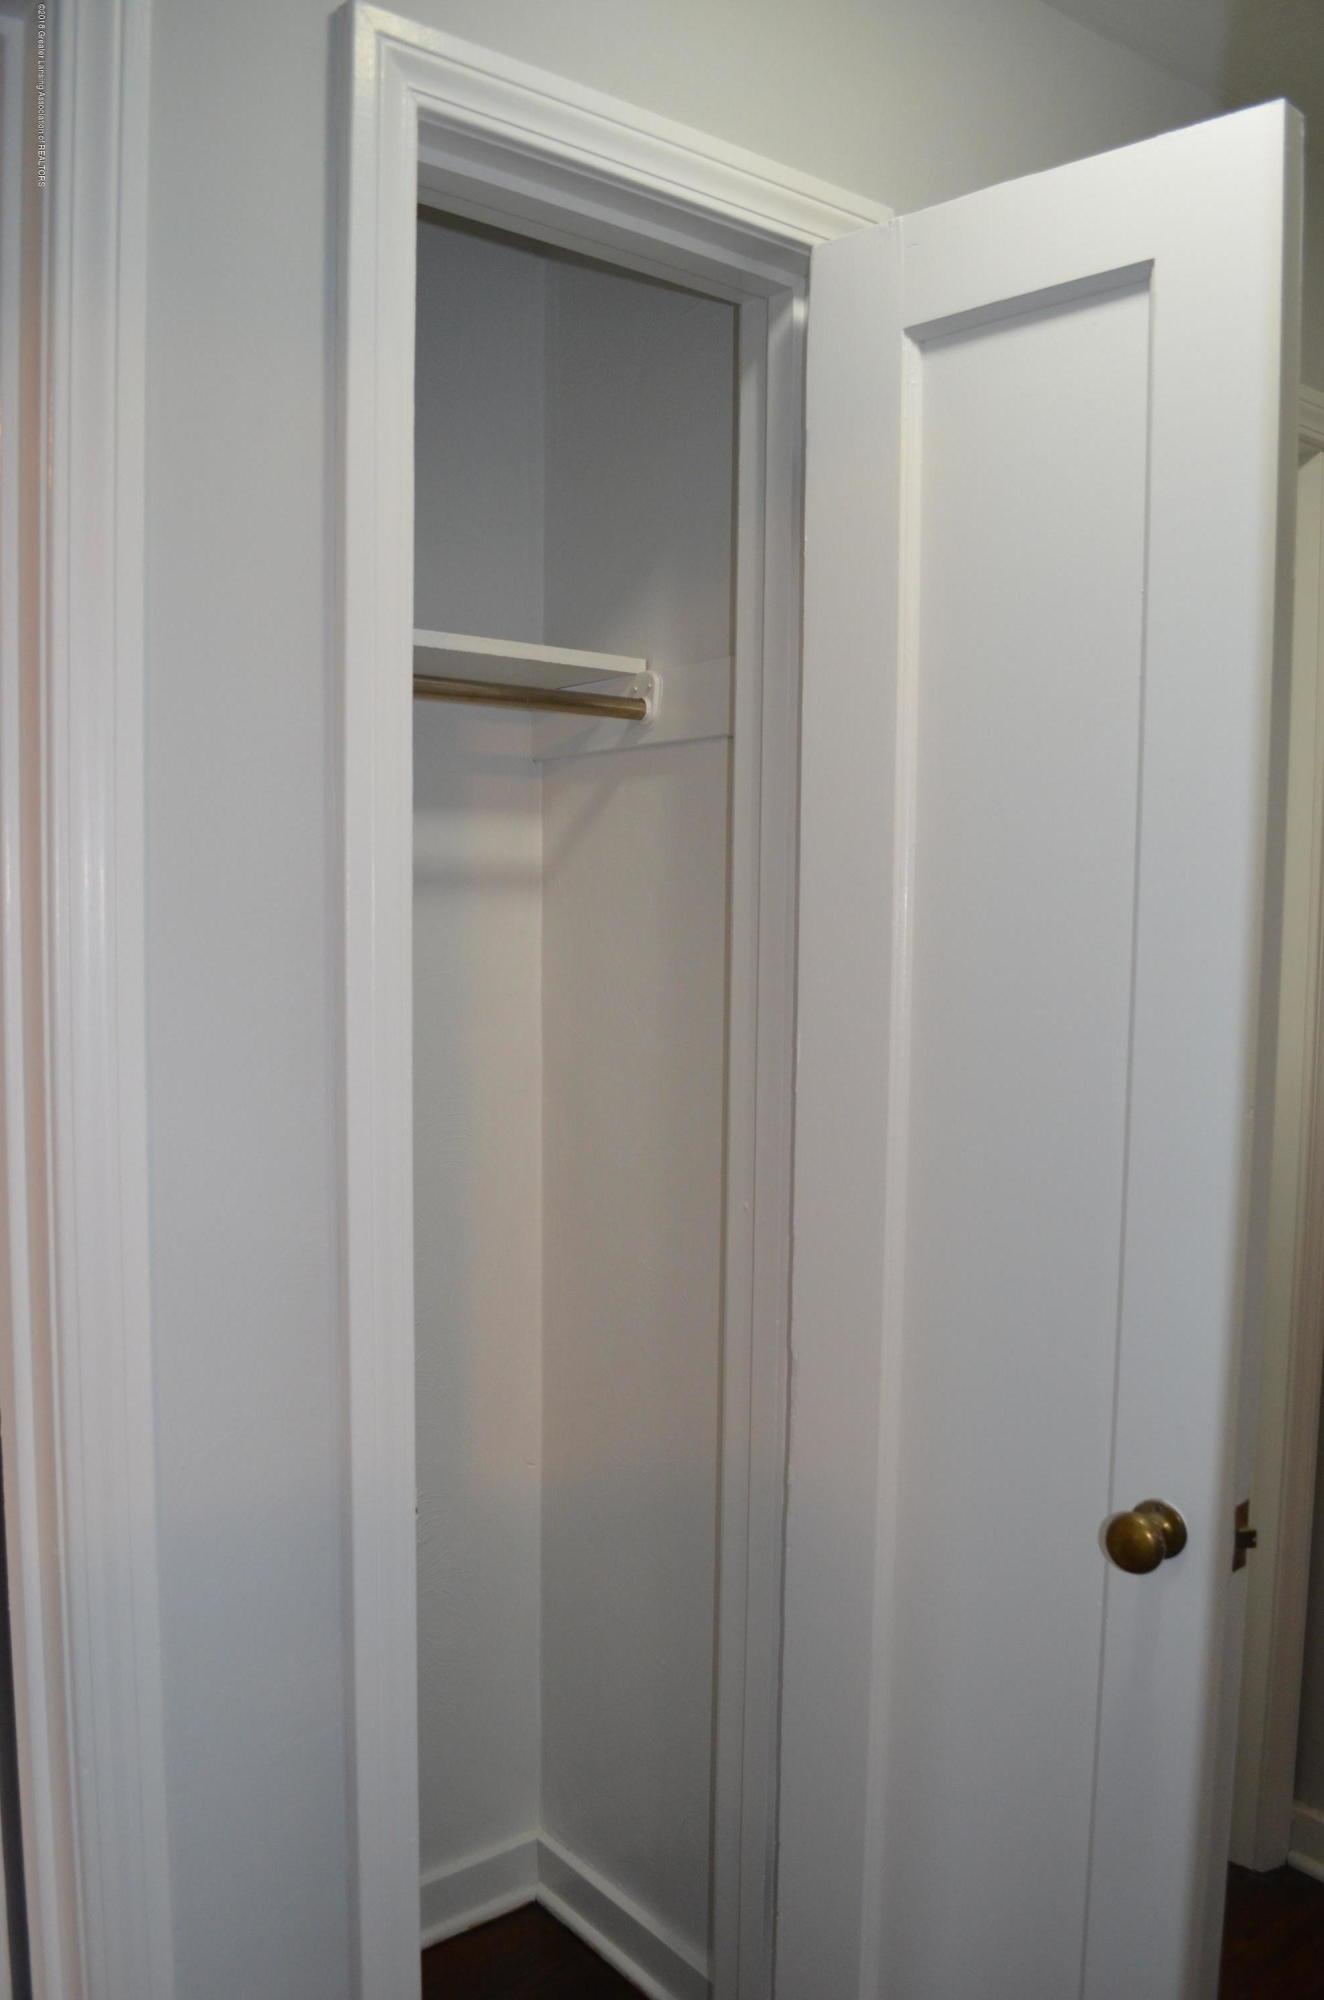 1323 Poxson Ave - Coat Closet - 16